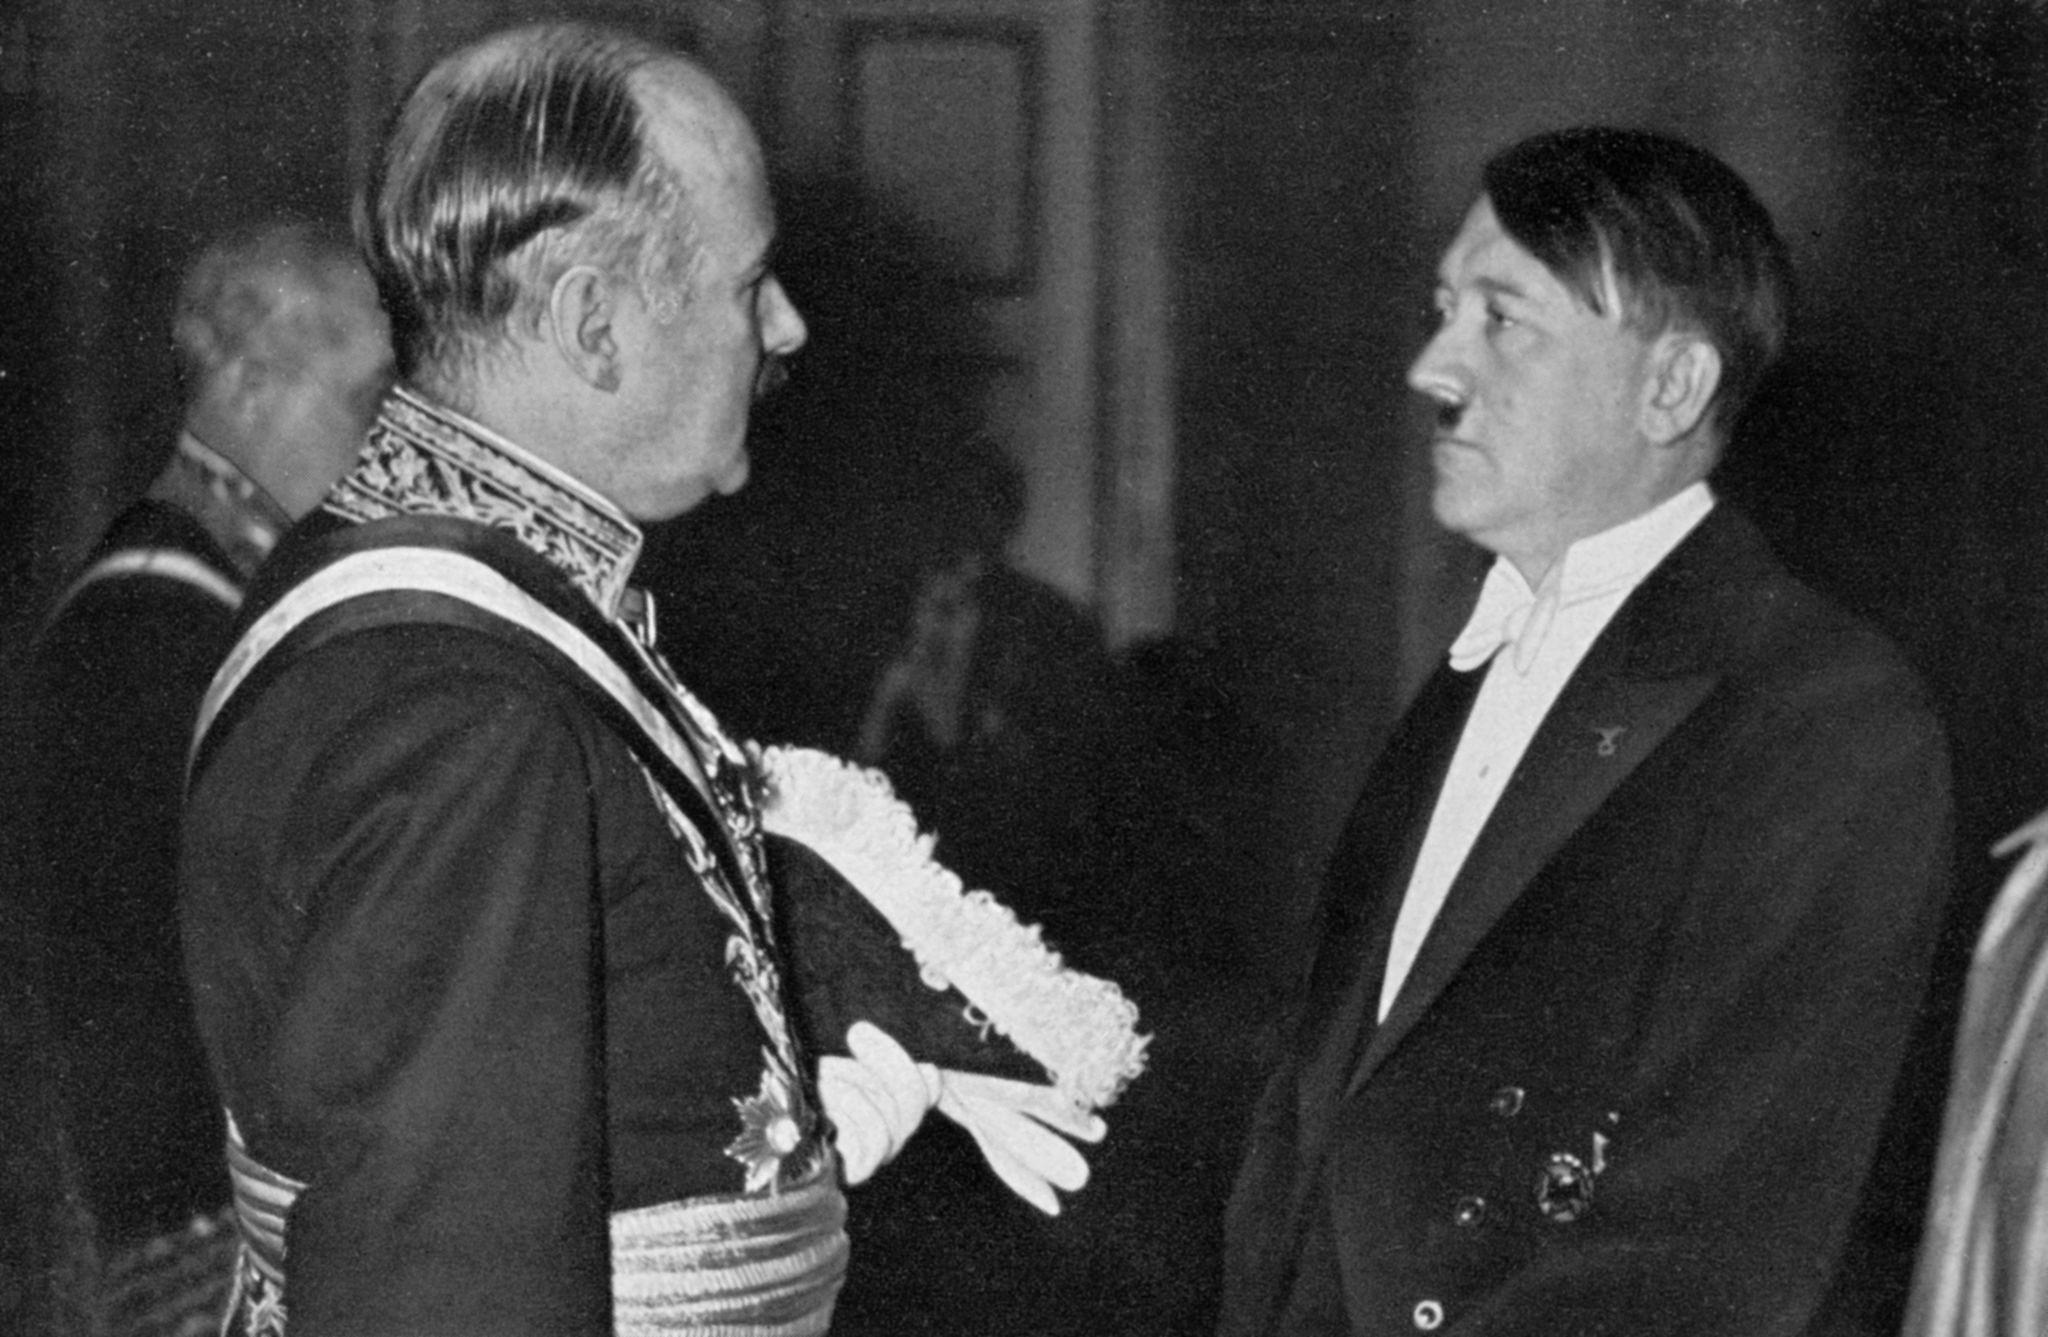 1934. Адольф Гитлер на новогоднем приеме беседует с послом Франции в Германии Андре Франсуа-Понсе.jpg